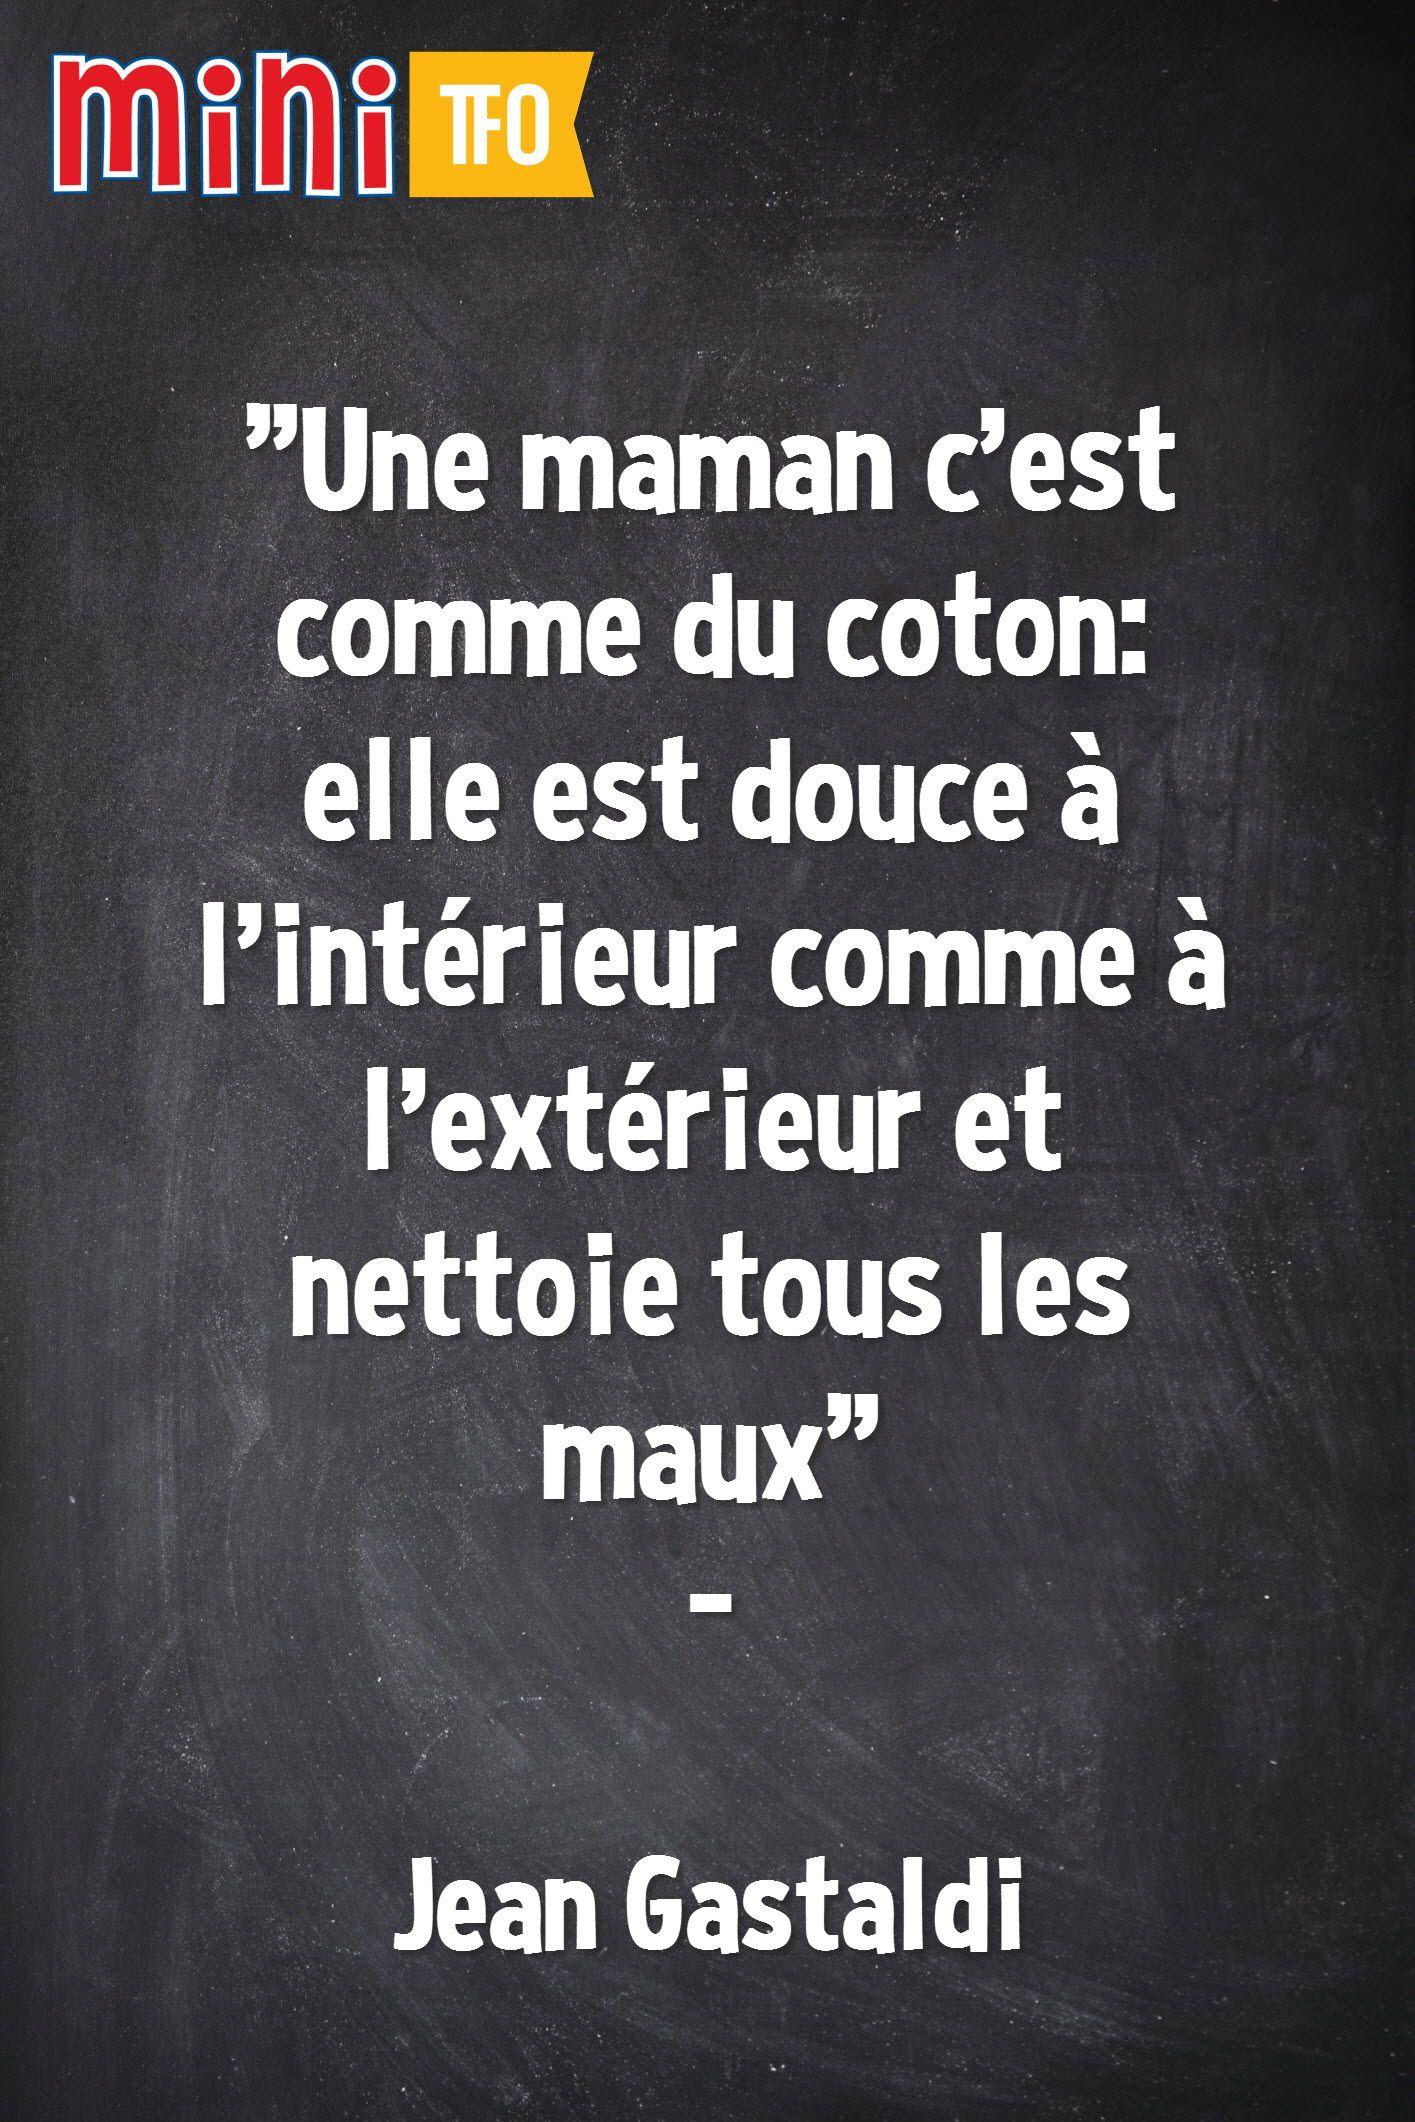 """""""Une maman c'est comme du coton, elle est douce à l'intérieur comme à l'extérieur et nettoie tous les maux."""" - Jean Gastaldi"""